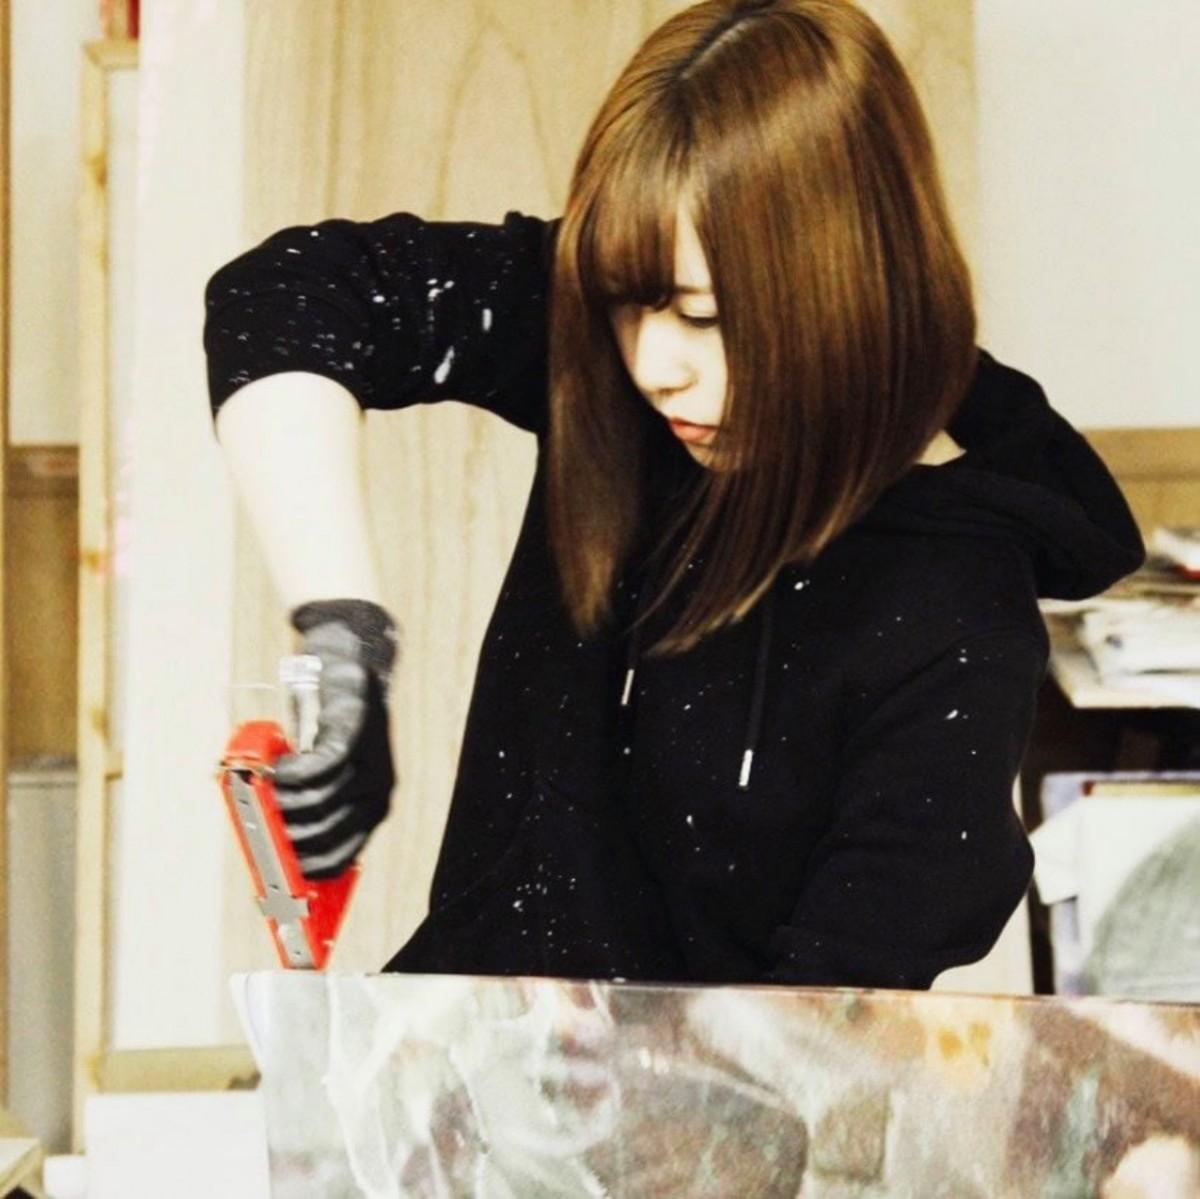 秋田公立美術大学の卒業生としては初めて「アートアワードトーキョー」一次選考を通過した大越円香さん